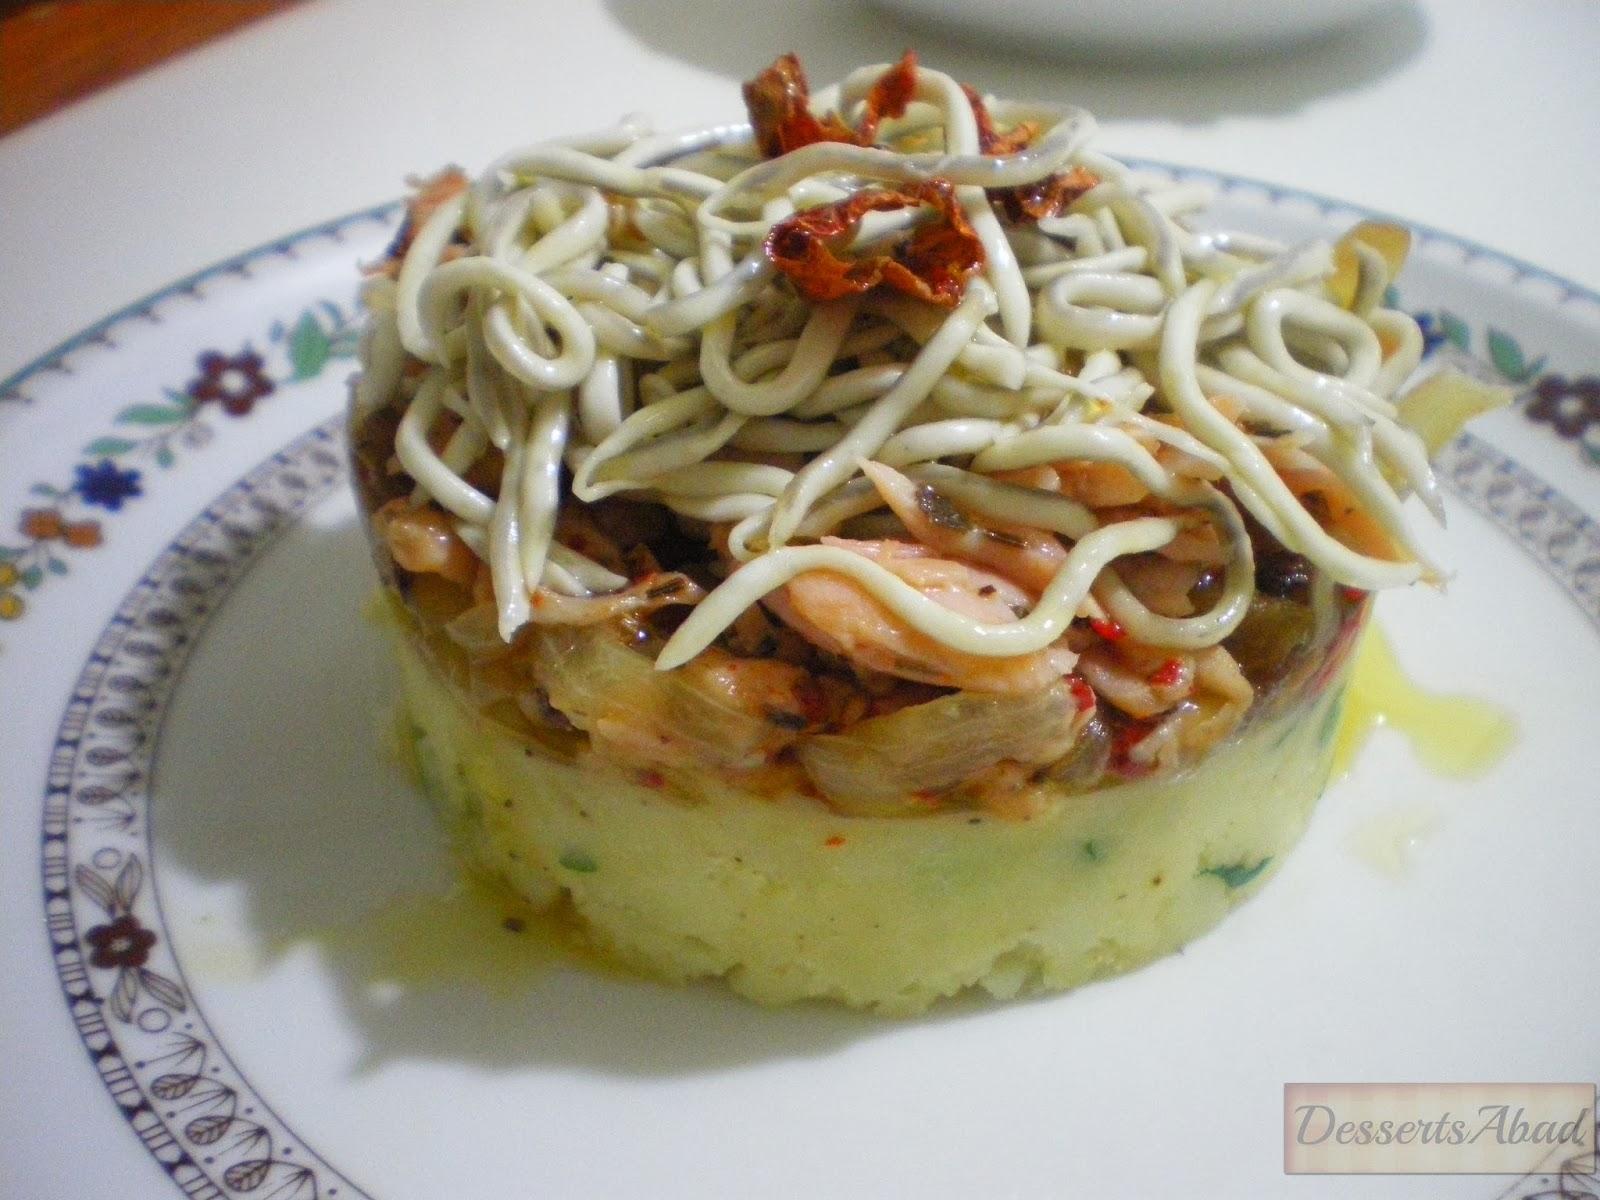 Pastel de salmón marinado con gulas al ajillo